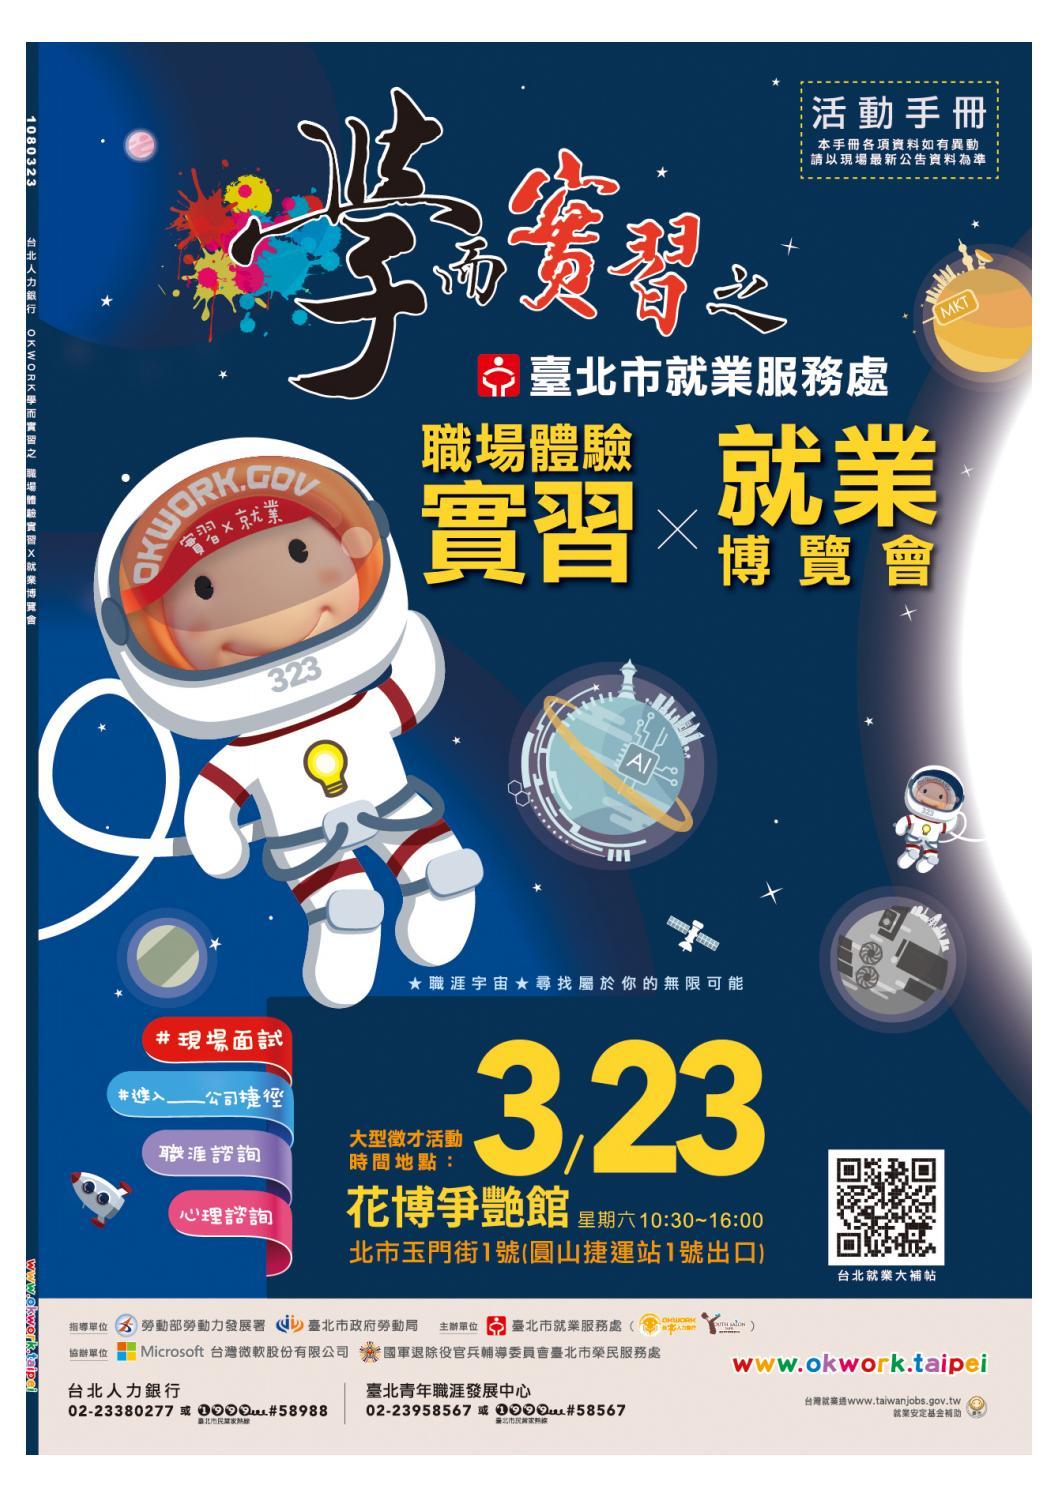 Okwork 學而實習之 職場體驗實習x就業博覽會by Okwork Taipei Job